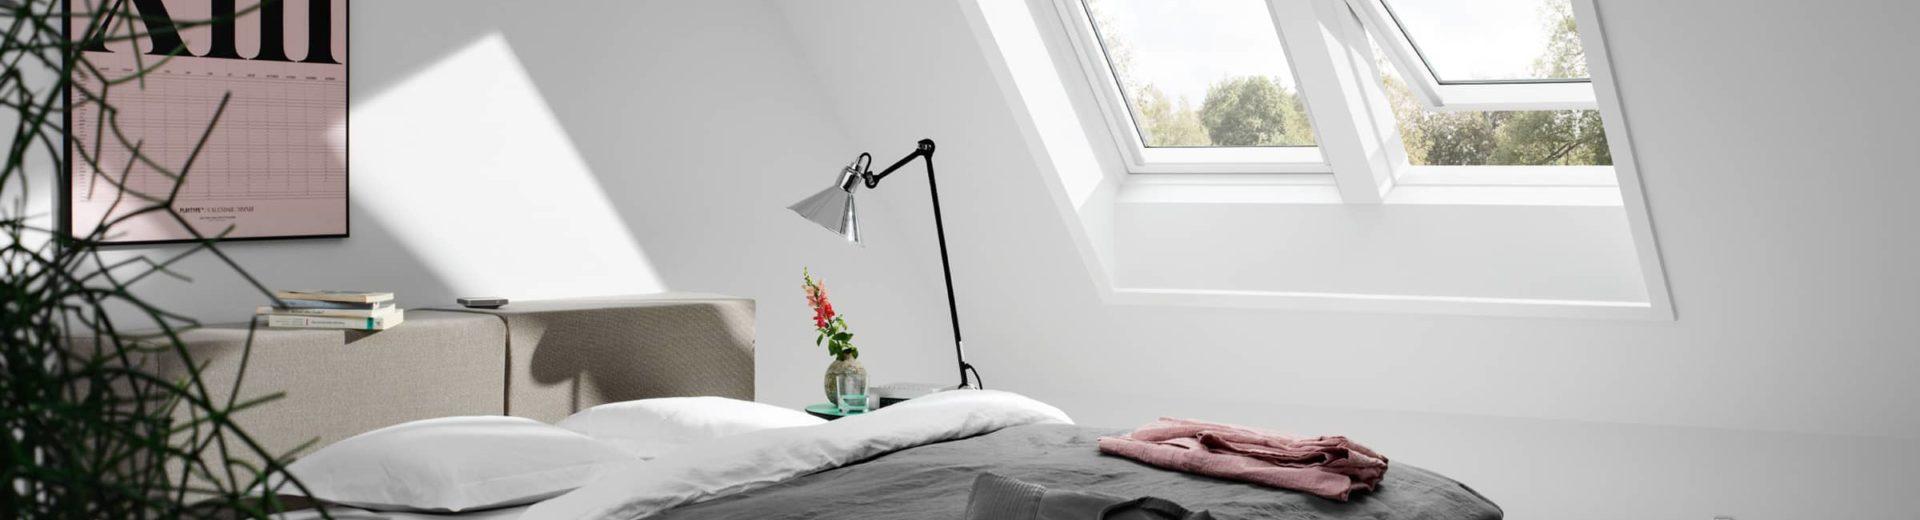 VELUX Dachfenster-Konfigurator